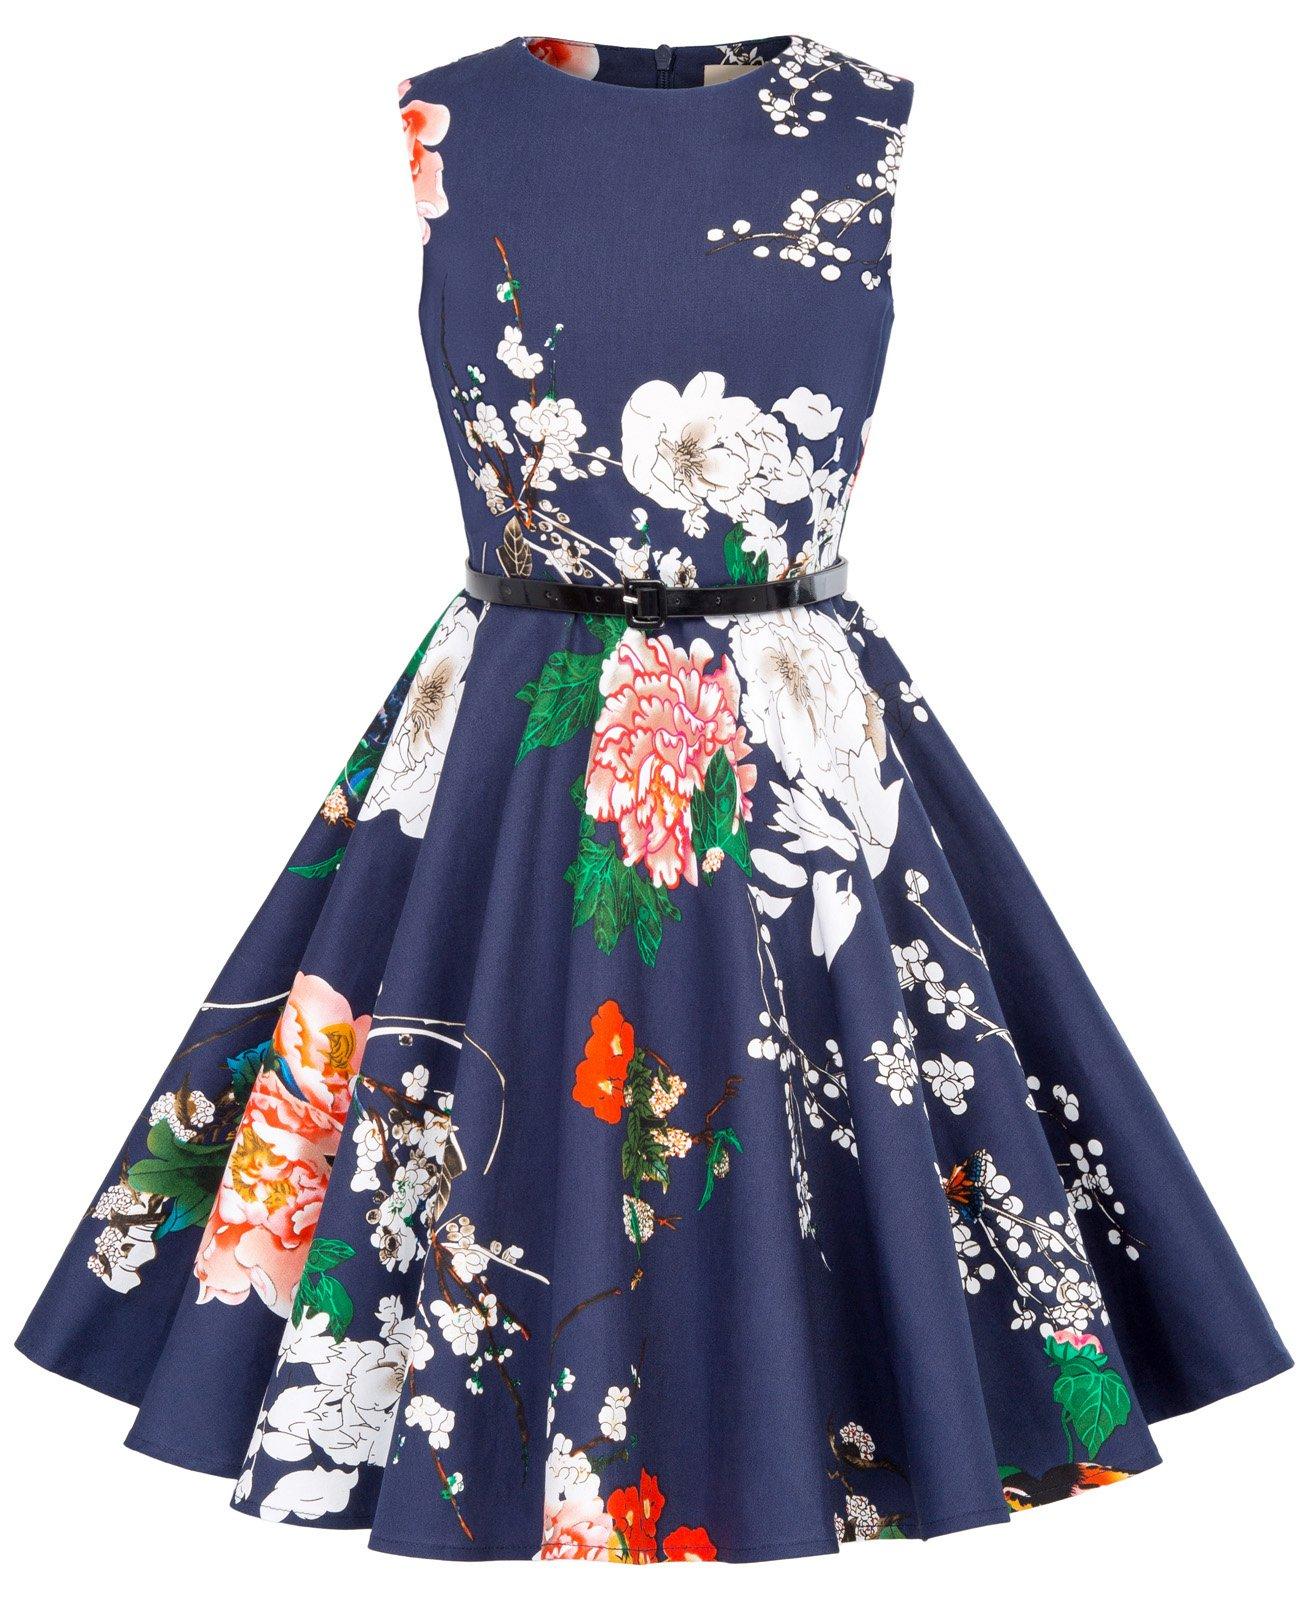 Picnic Dresses for Girls